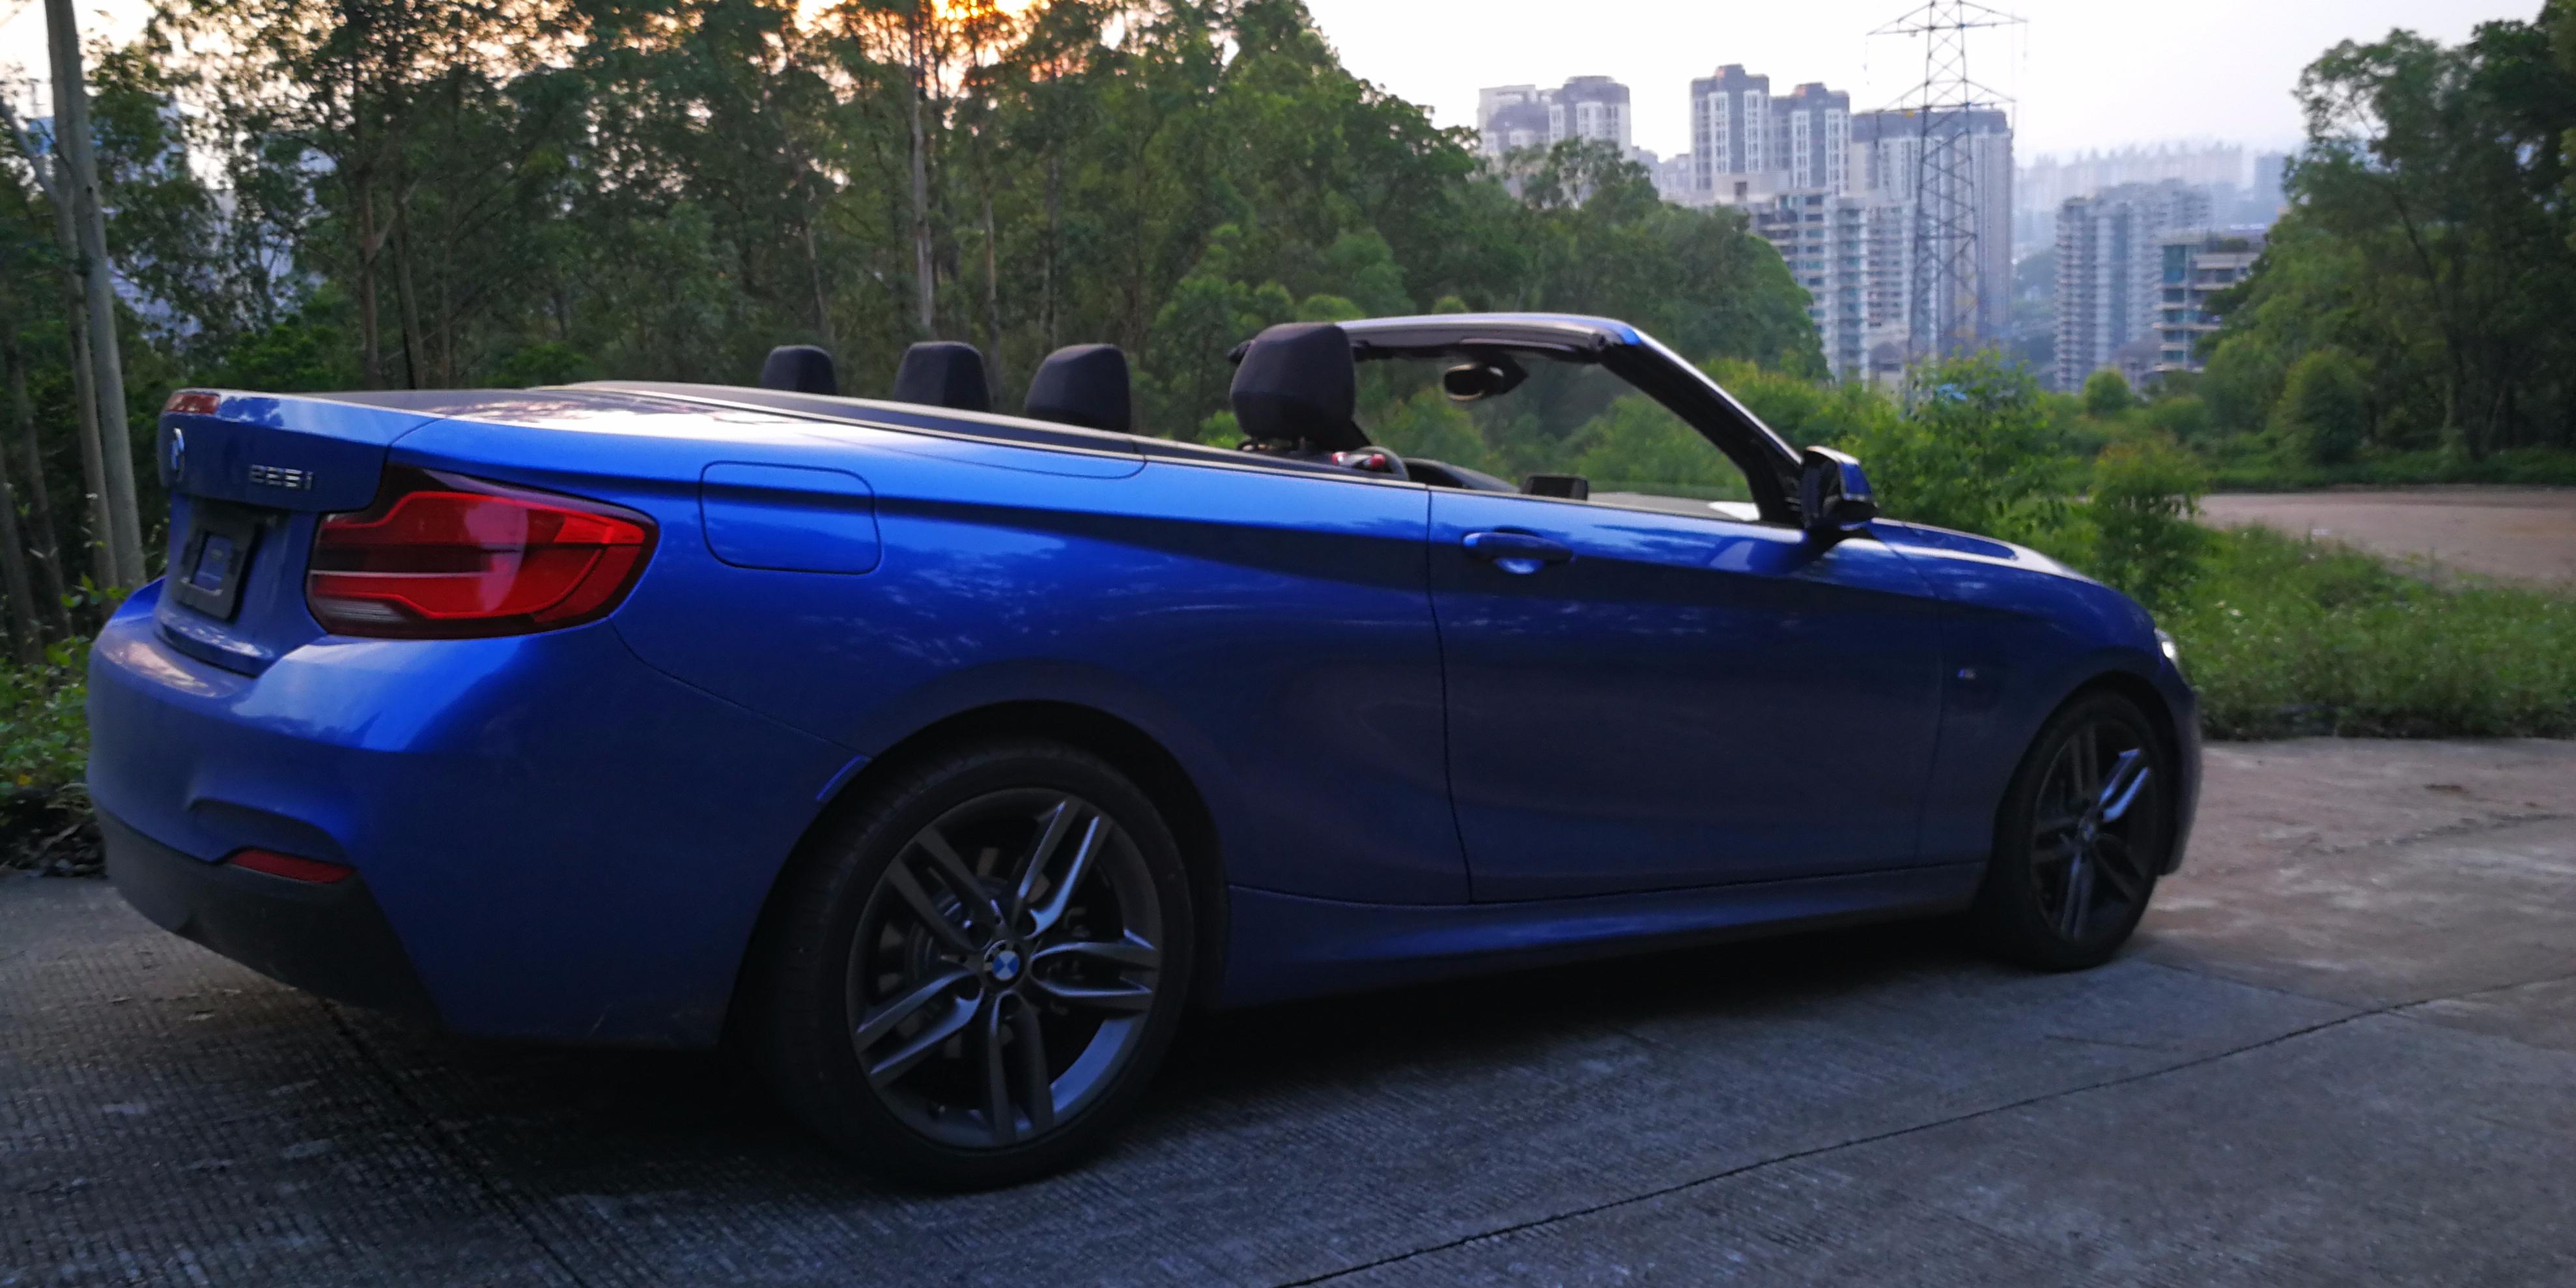 BMW 敞篷225i:让生活变得更美好!